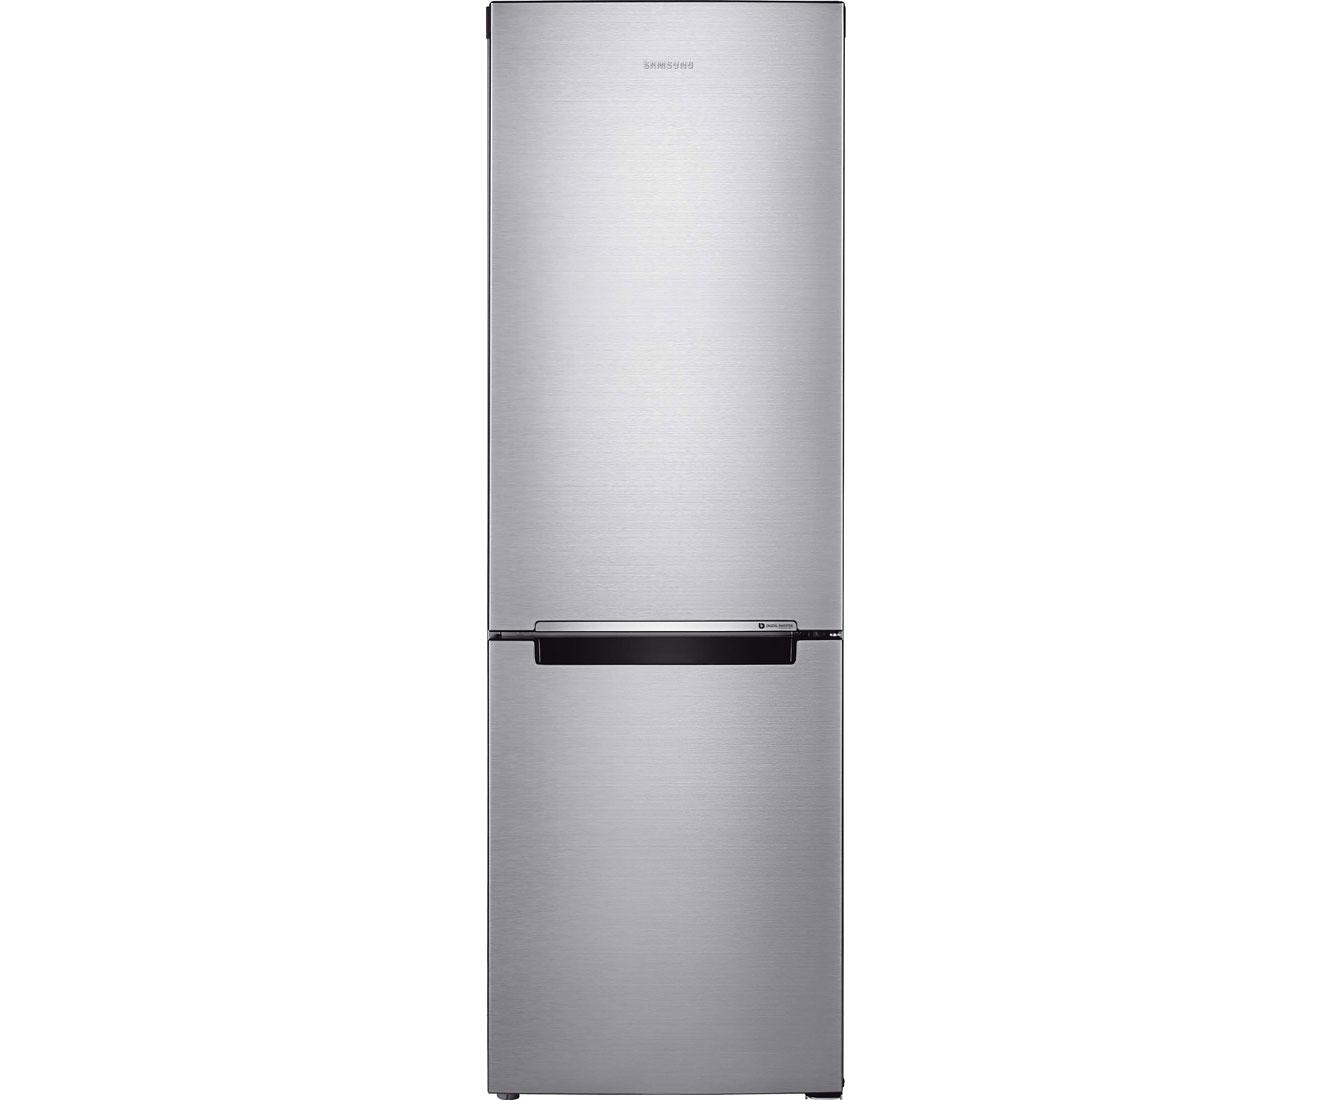 Aeg Kühlschrank Coolmatic Bedienungsanleitung : Coolmatic kompressor kühlschrank preisvergleich u2022 die besten